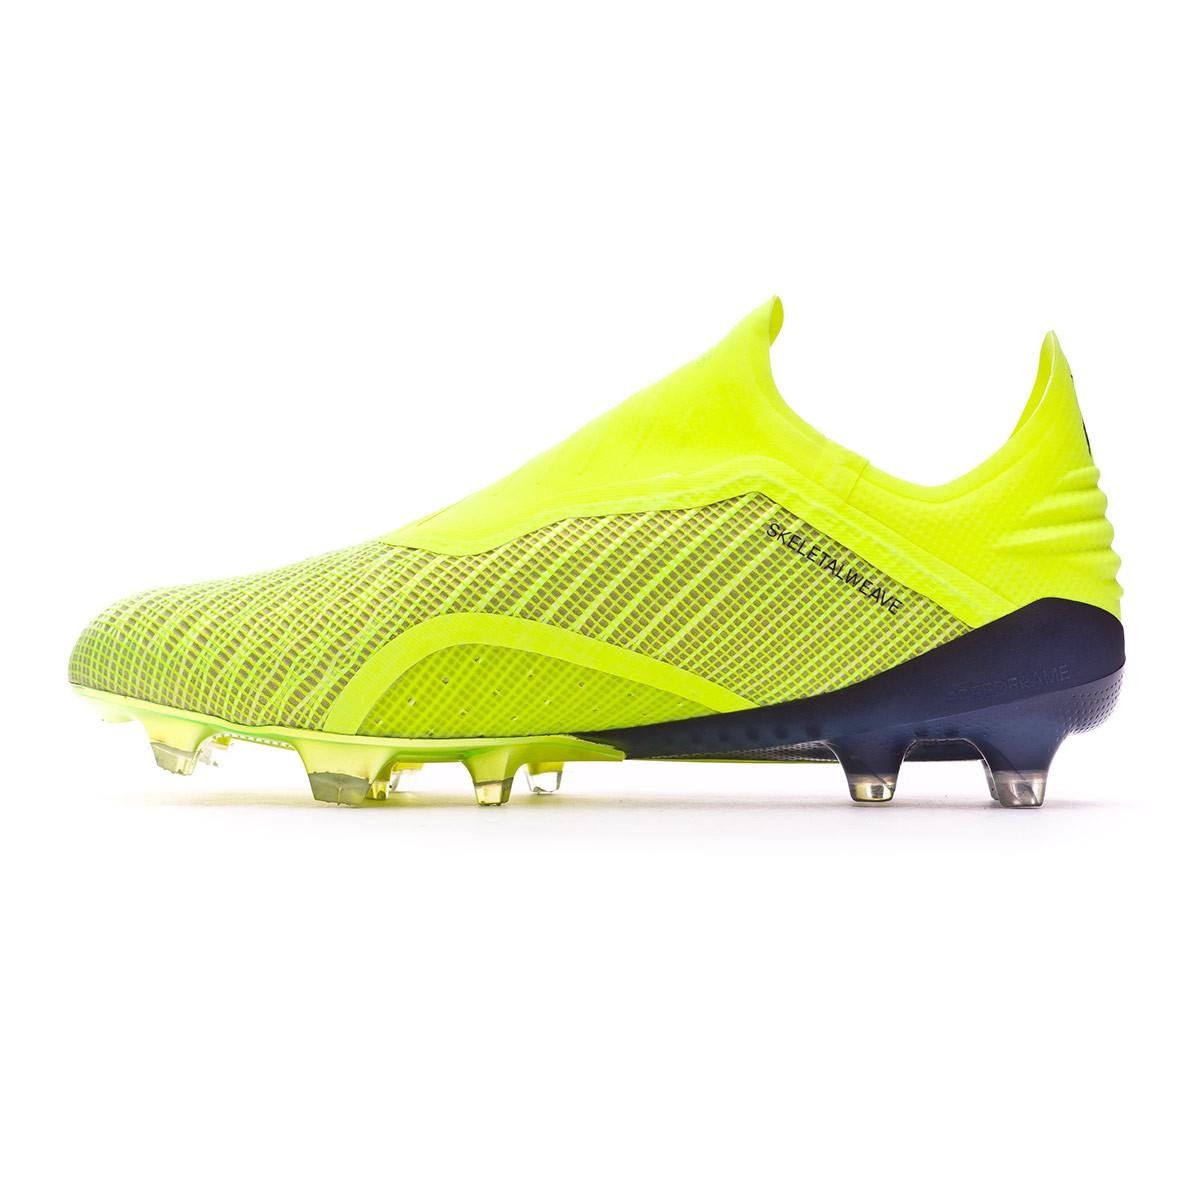 e90a01e31 Football Boots adidas X 18+ FG Solar yellow-Core black-White - Tienda de  fútbol Fútbol Emotion